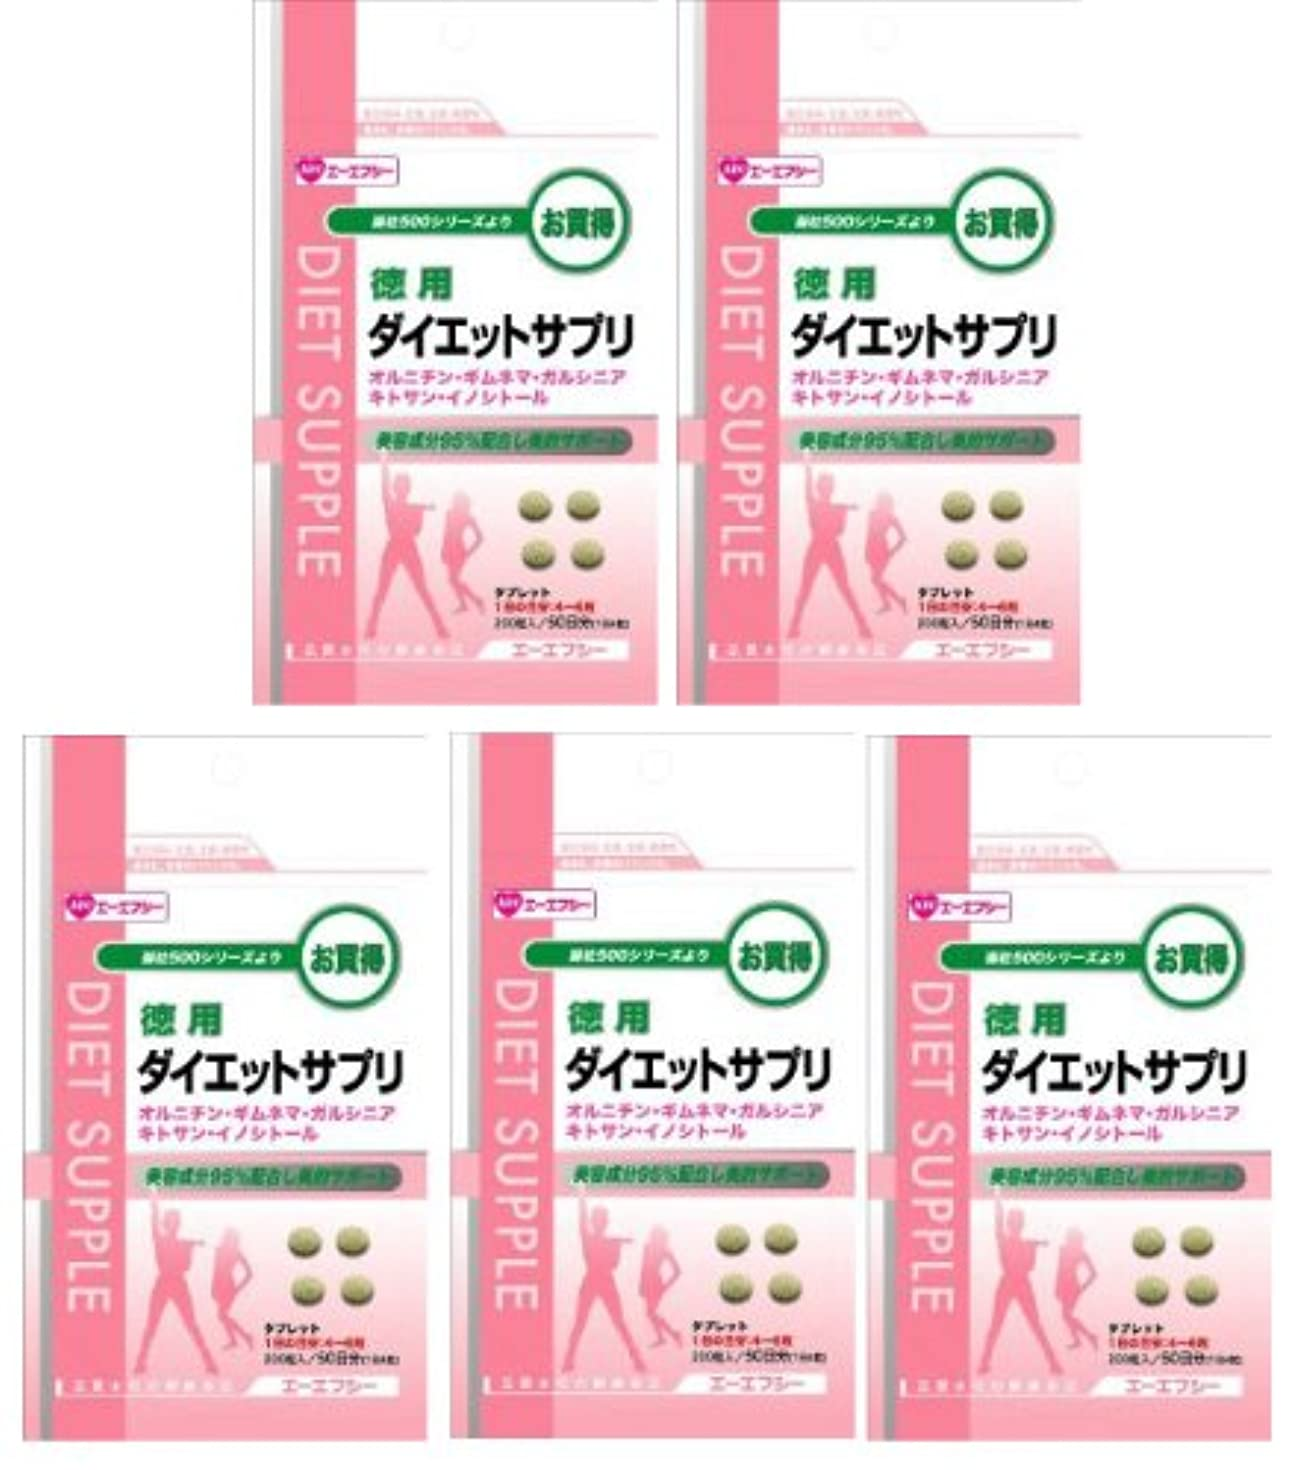 ファッション肥満華氏AFC 徳用 ダイエットサプリ 200粒入 (約50日分)【5袋セット】